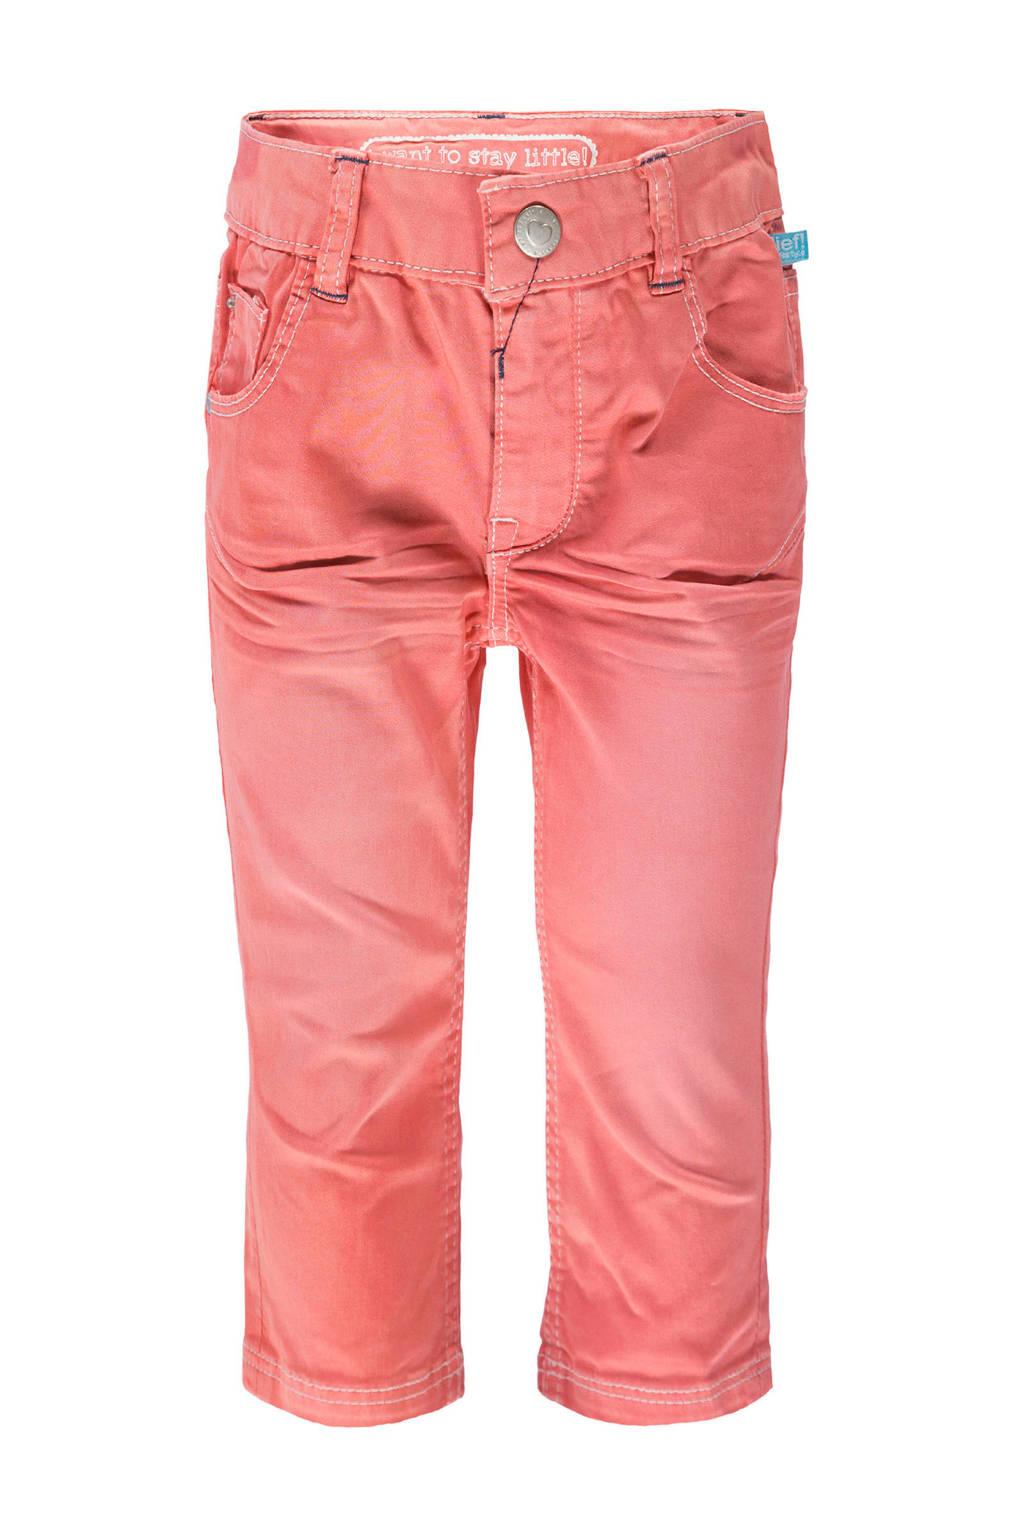 lief! skinny jeans roze, Roze